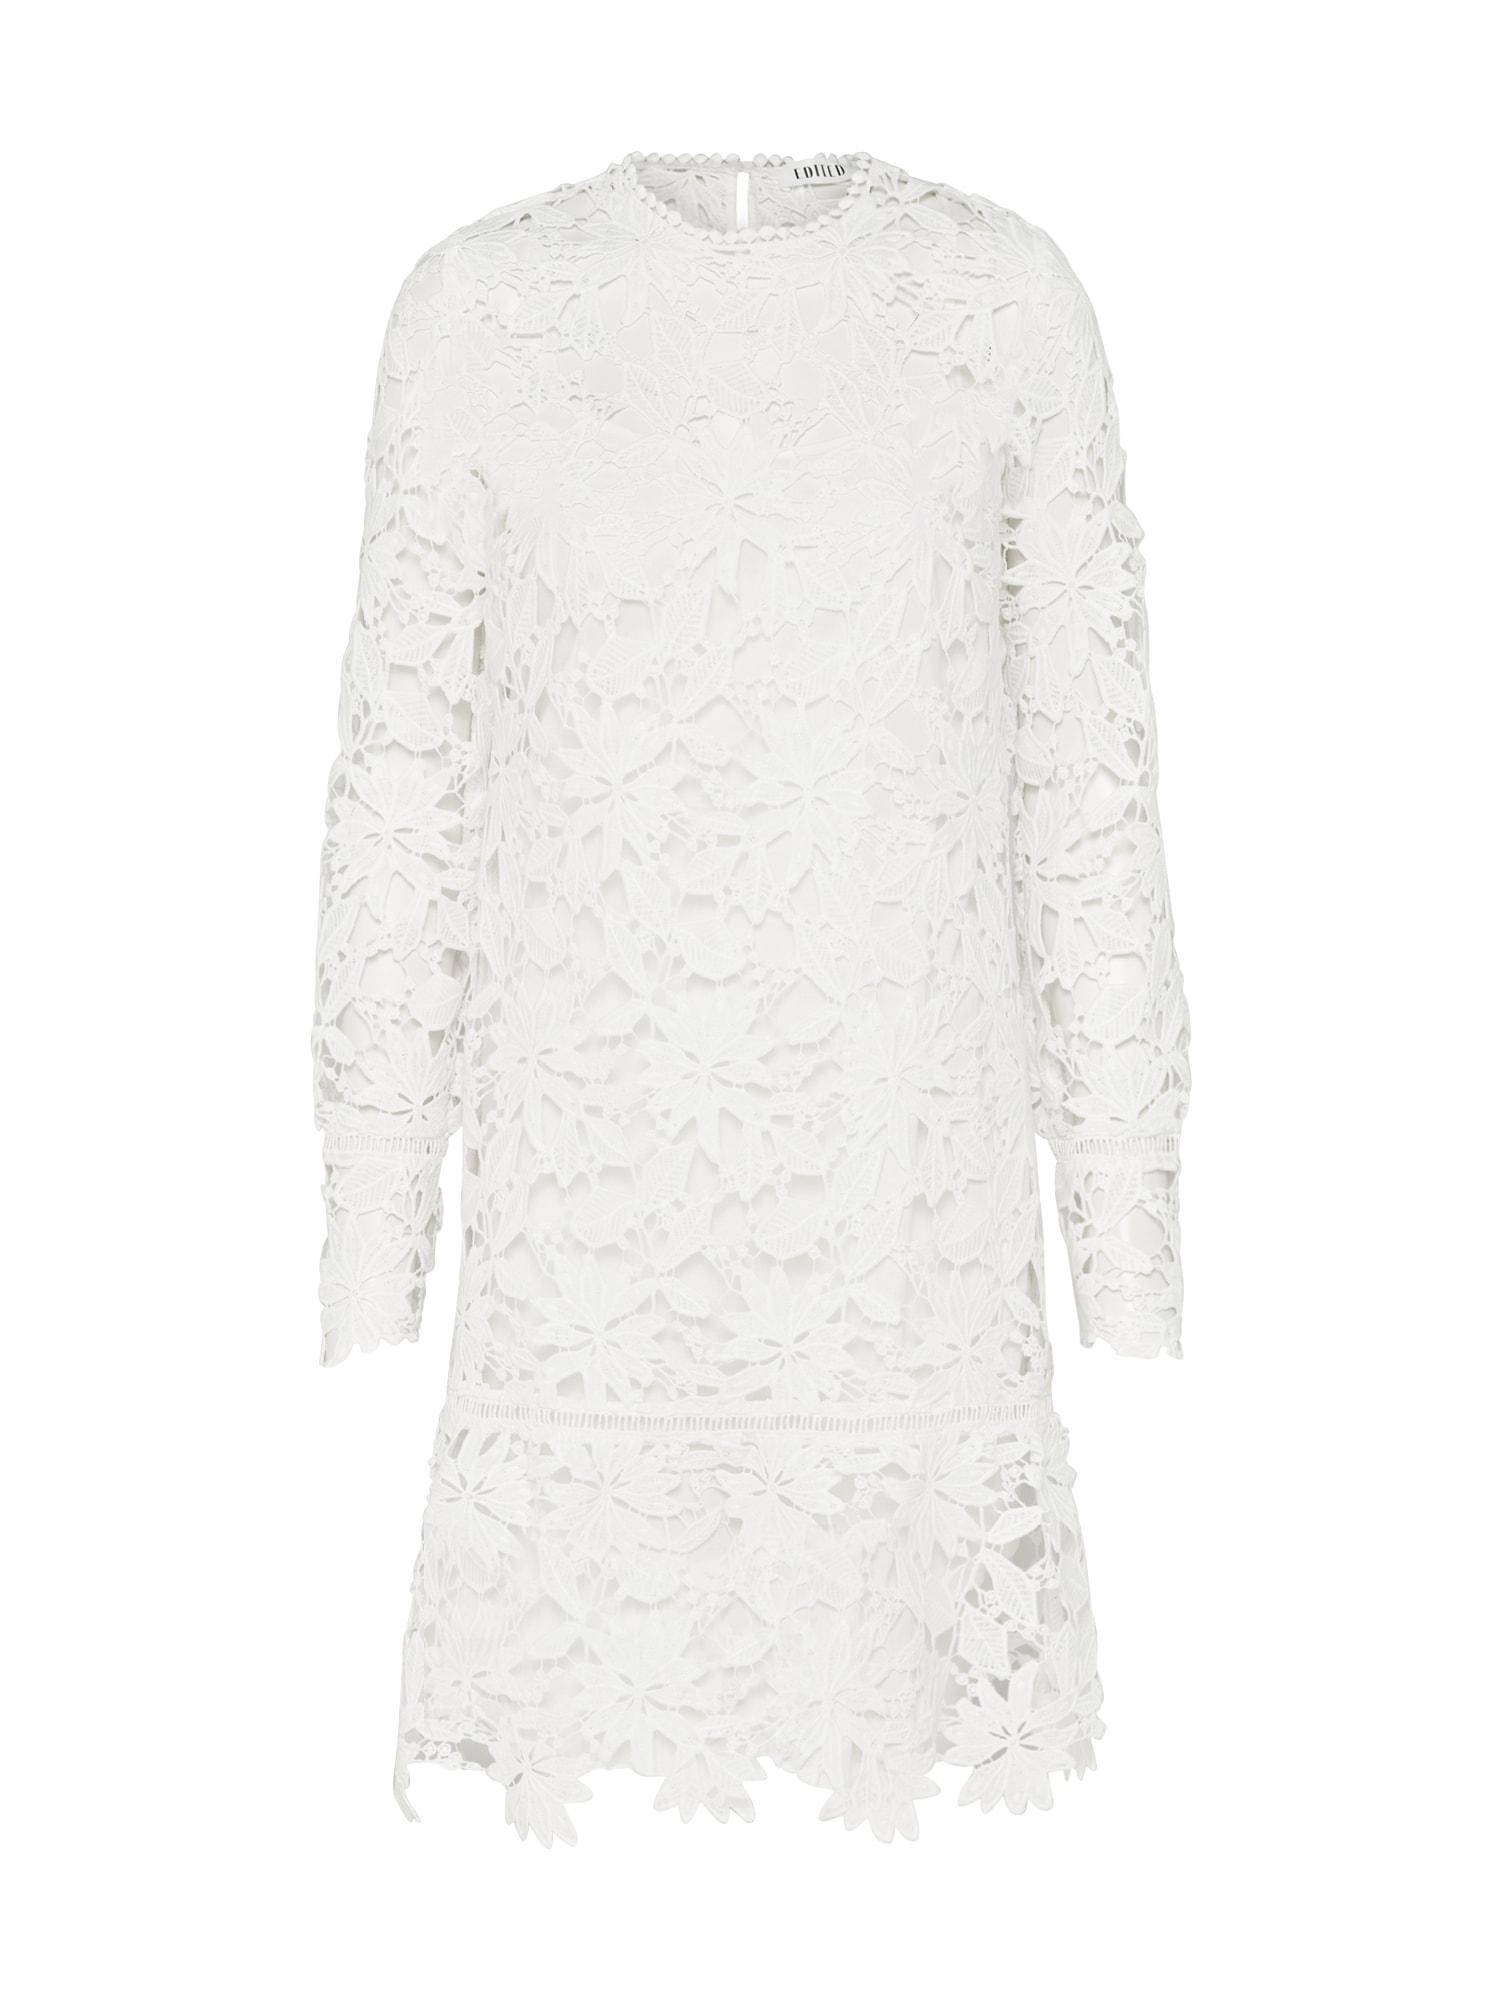 Spitzenkleid 'Liana' | Bekleidung > Kleider > Spitzenkleider | Weiß | EDITED